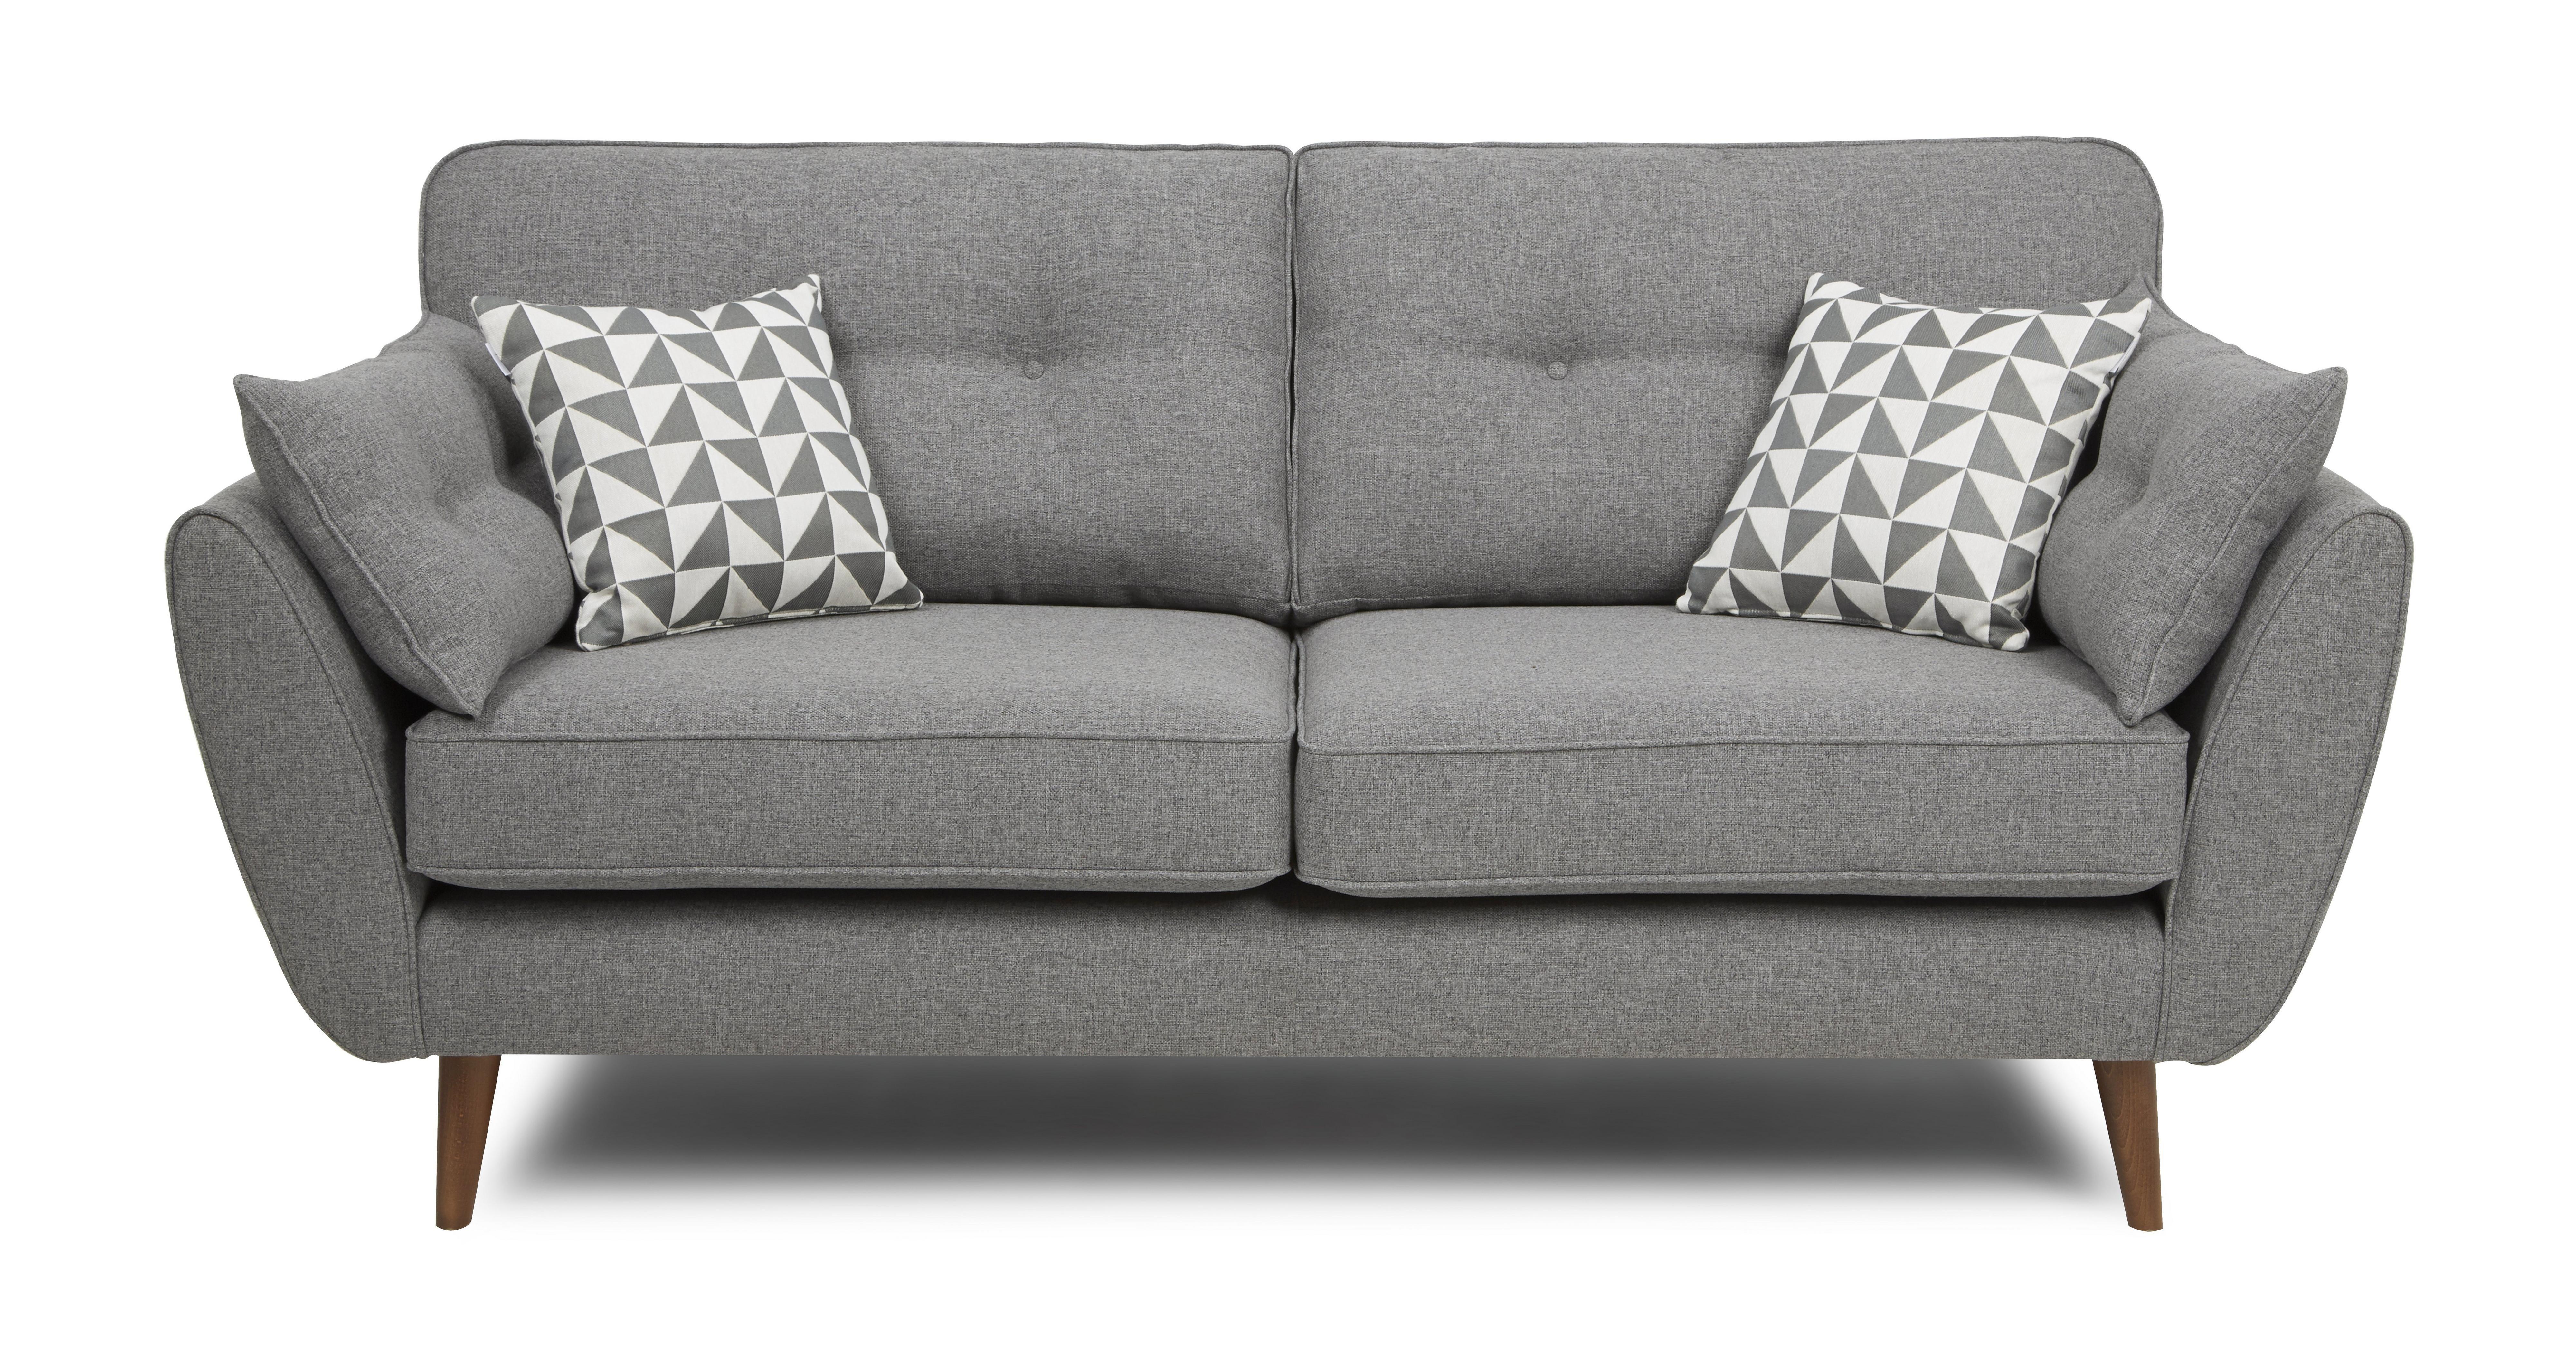 Zinc 4 Seater Sofa In 2020 Seater Sofa 3 Seater Sofa Mini Sofa